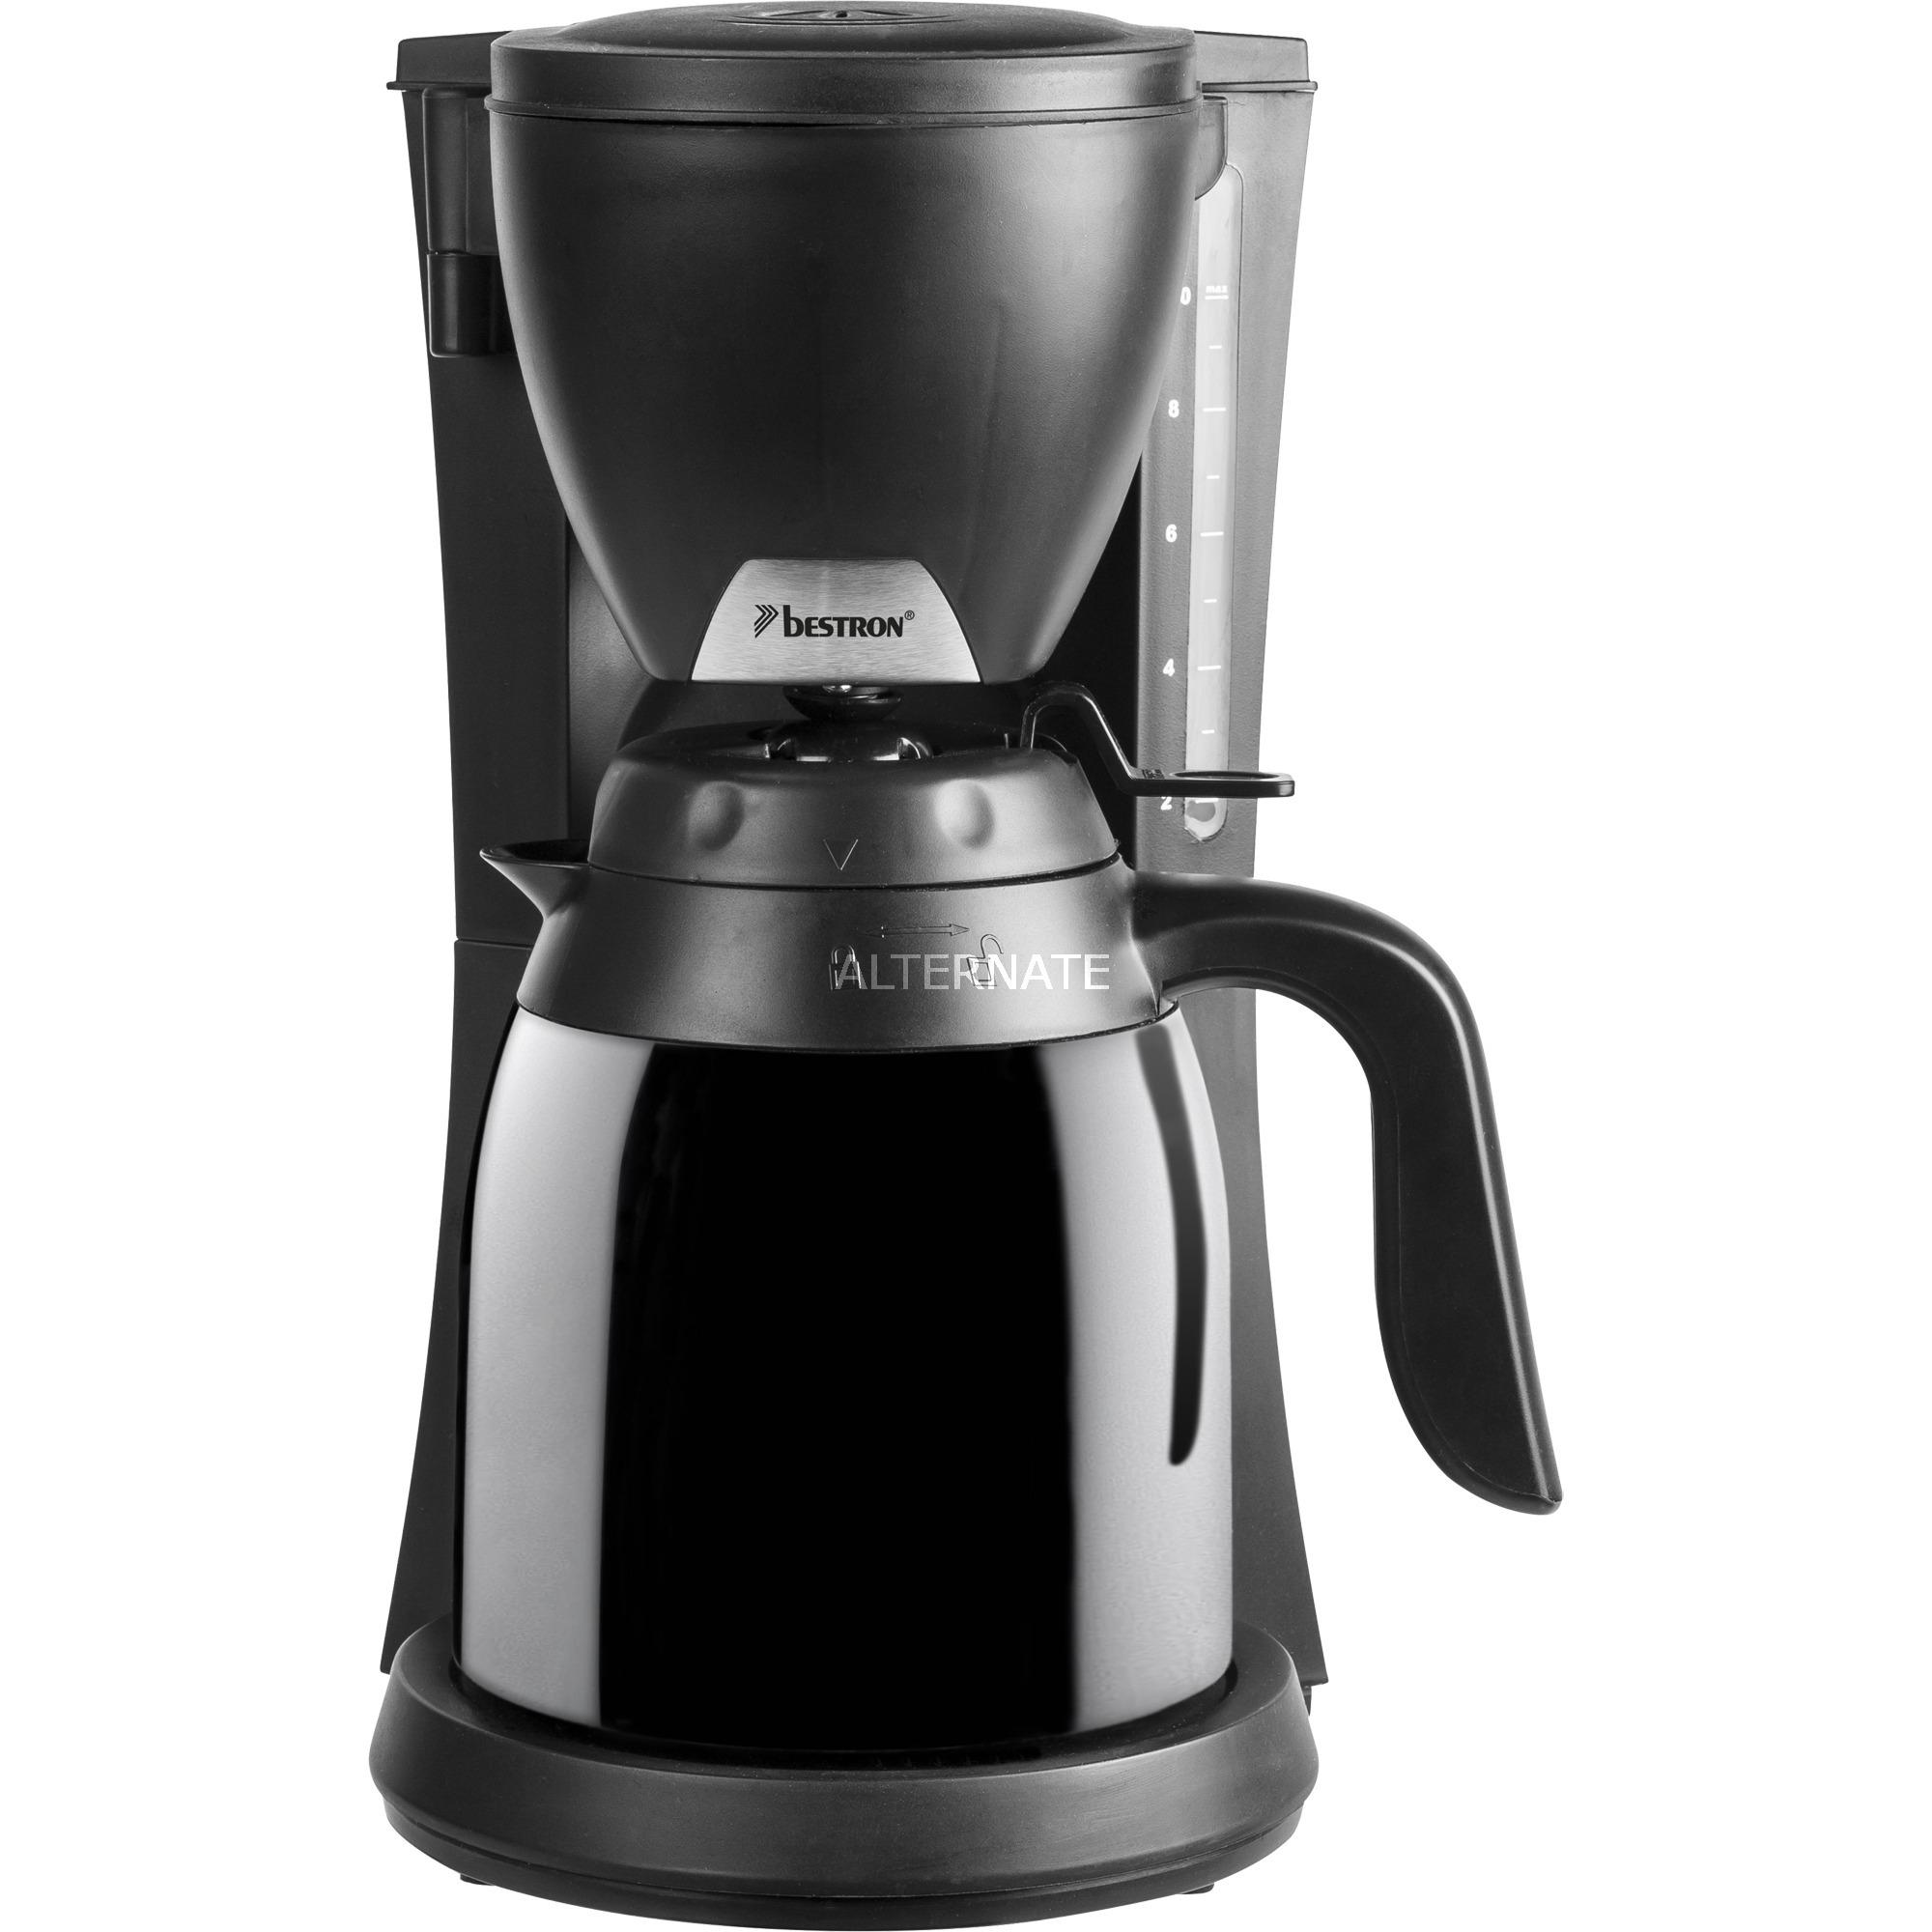 Nieuw Bestron ACM730TD Koffiezetter met 2 thermokannen koffieapparaat Zwart YU-67